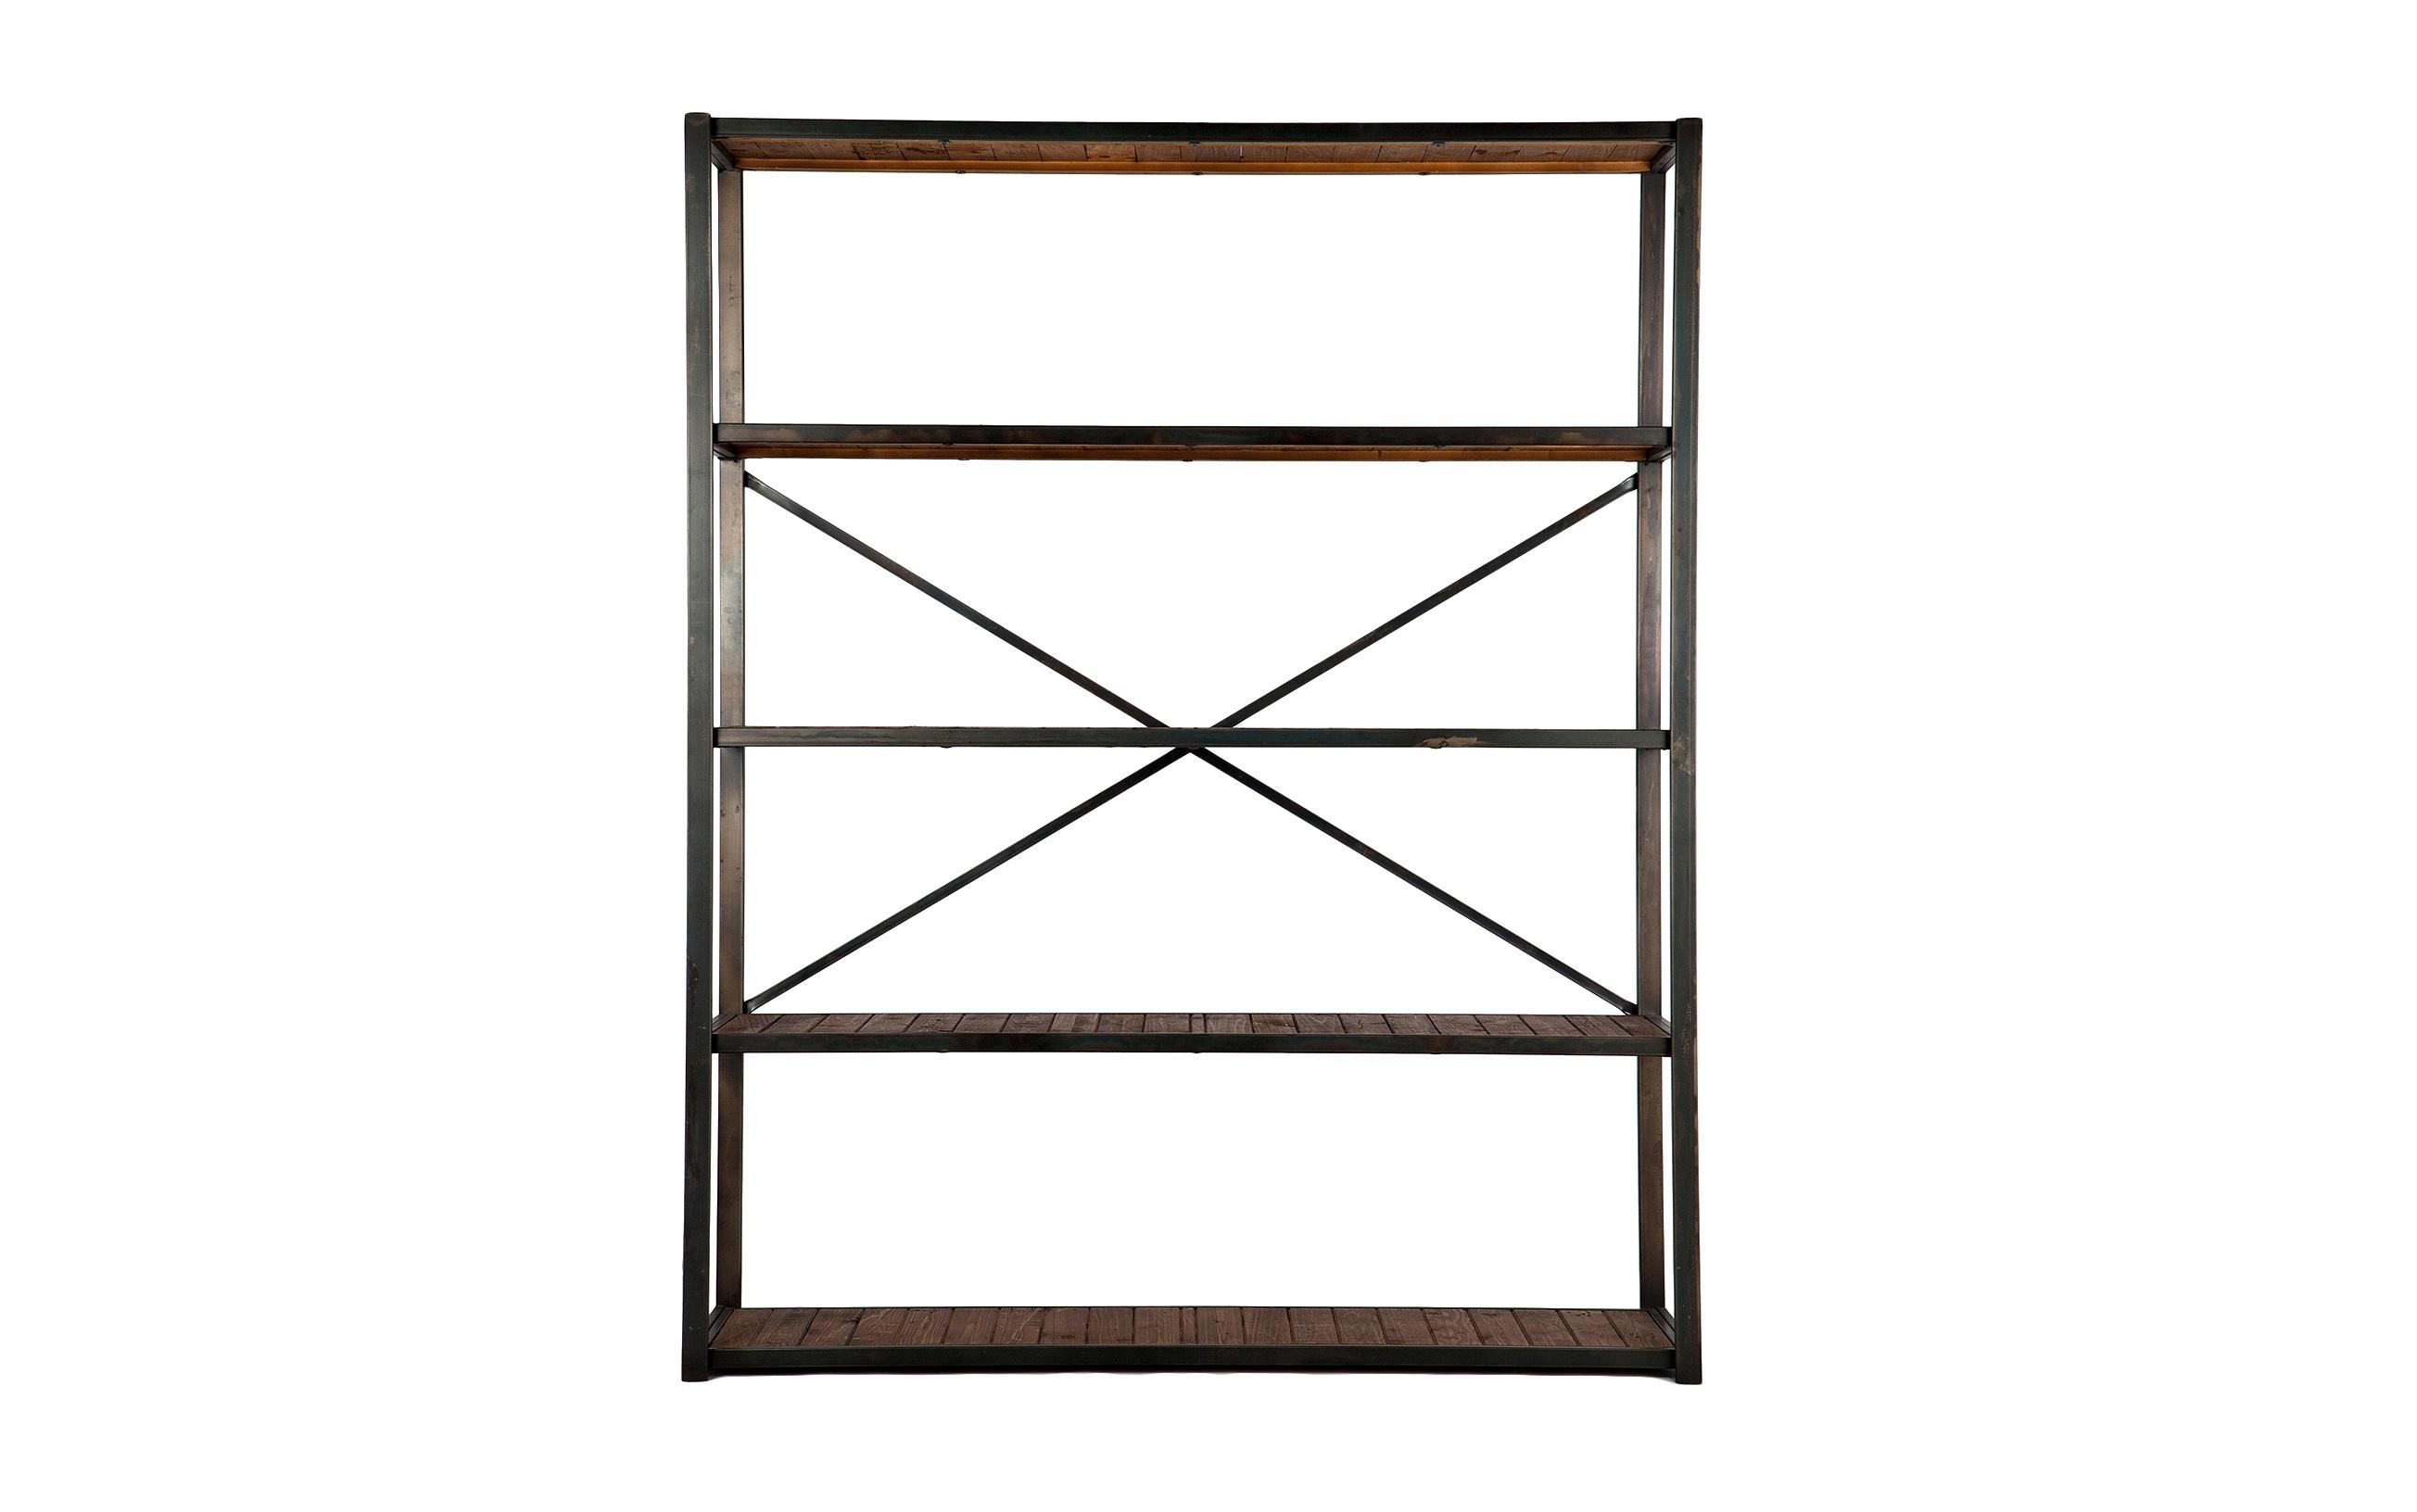 ЭтажеркаСтеллажи и этажерки<br>Этажерка в стиле лофт из металла с полками из дерева.<br><br>Material: Металл<br>Width см: 160<br>Depth см: 47<br>Height см: 198